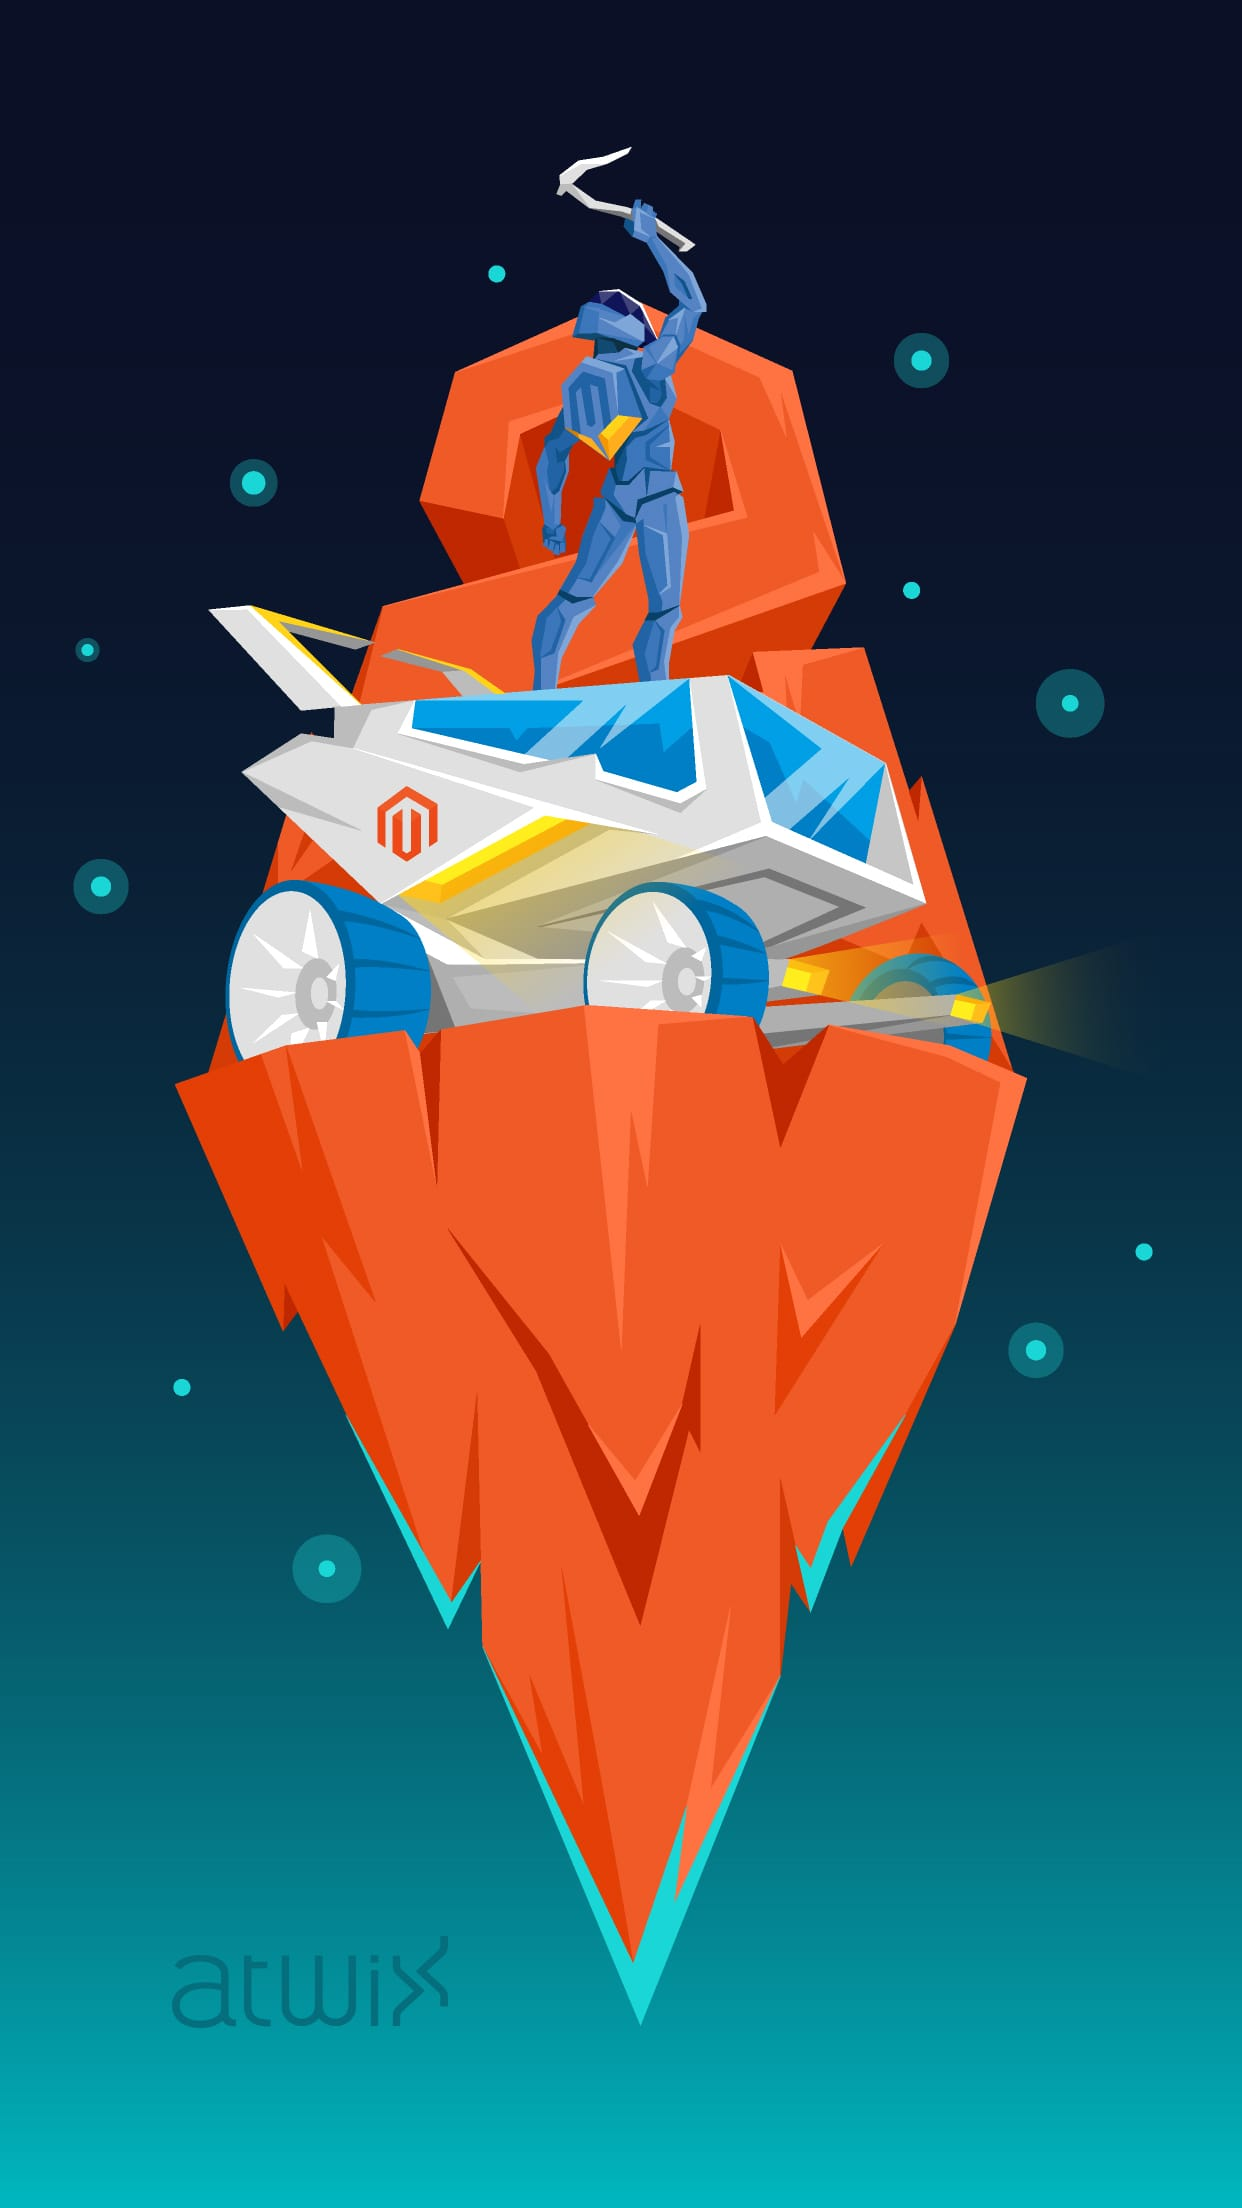 5s poster design - Magento 2 Trailblazer Magento_2_trailblazer_preview